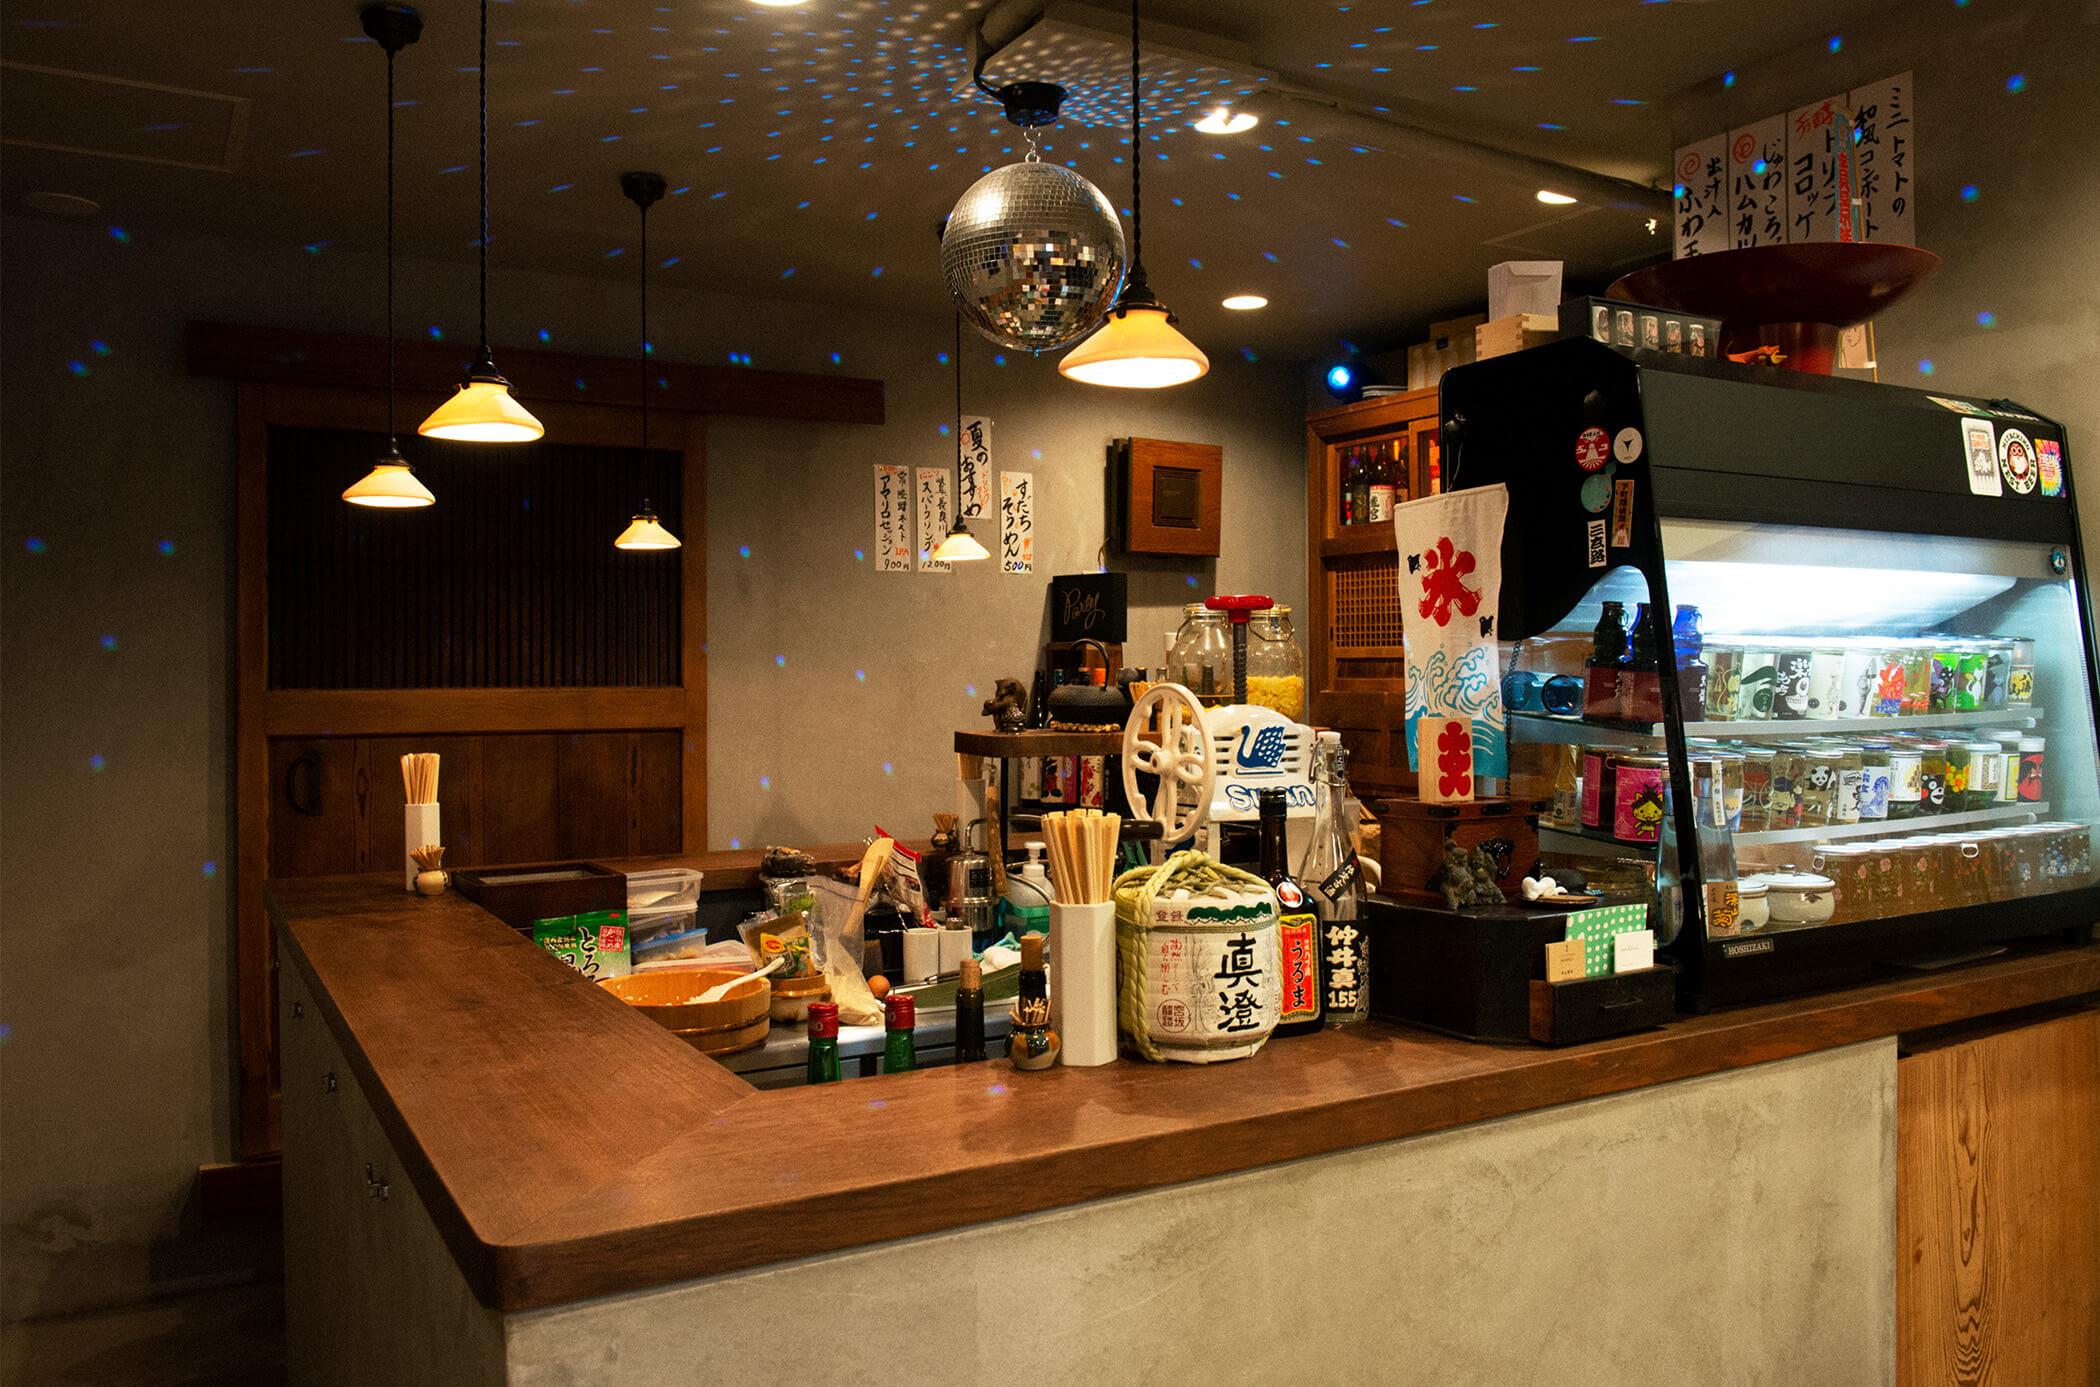 わたしのおいしい店リスト。浅草寺裏の骨董&バーのmicroに夜な夜な人が集まるワケ。